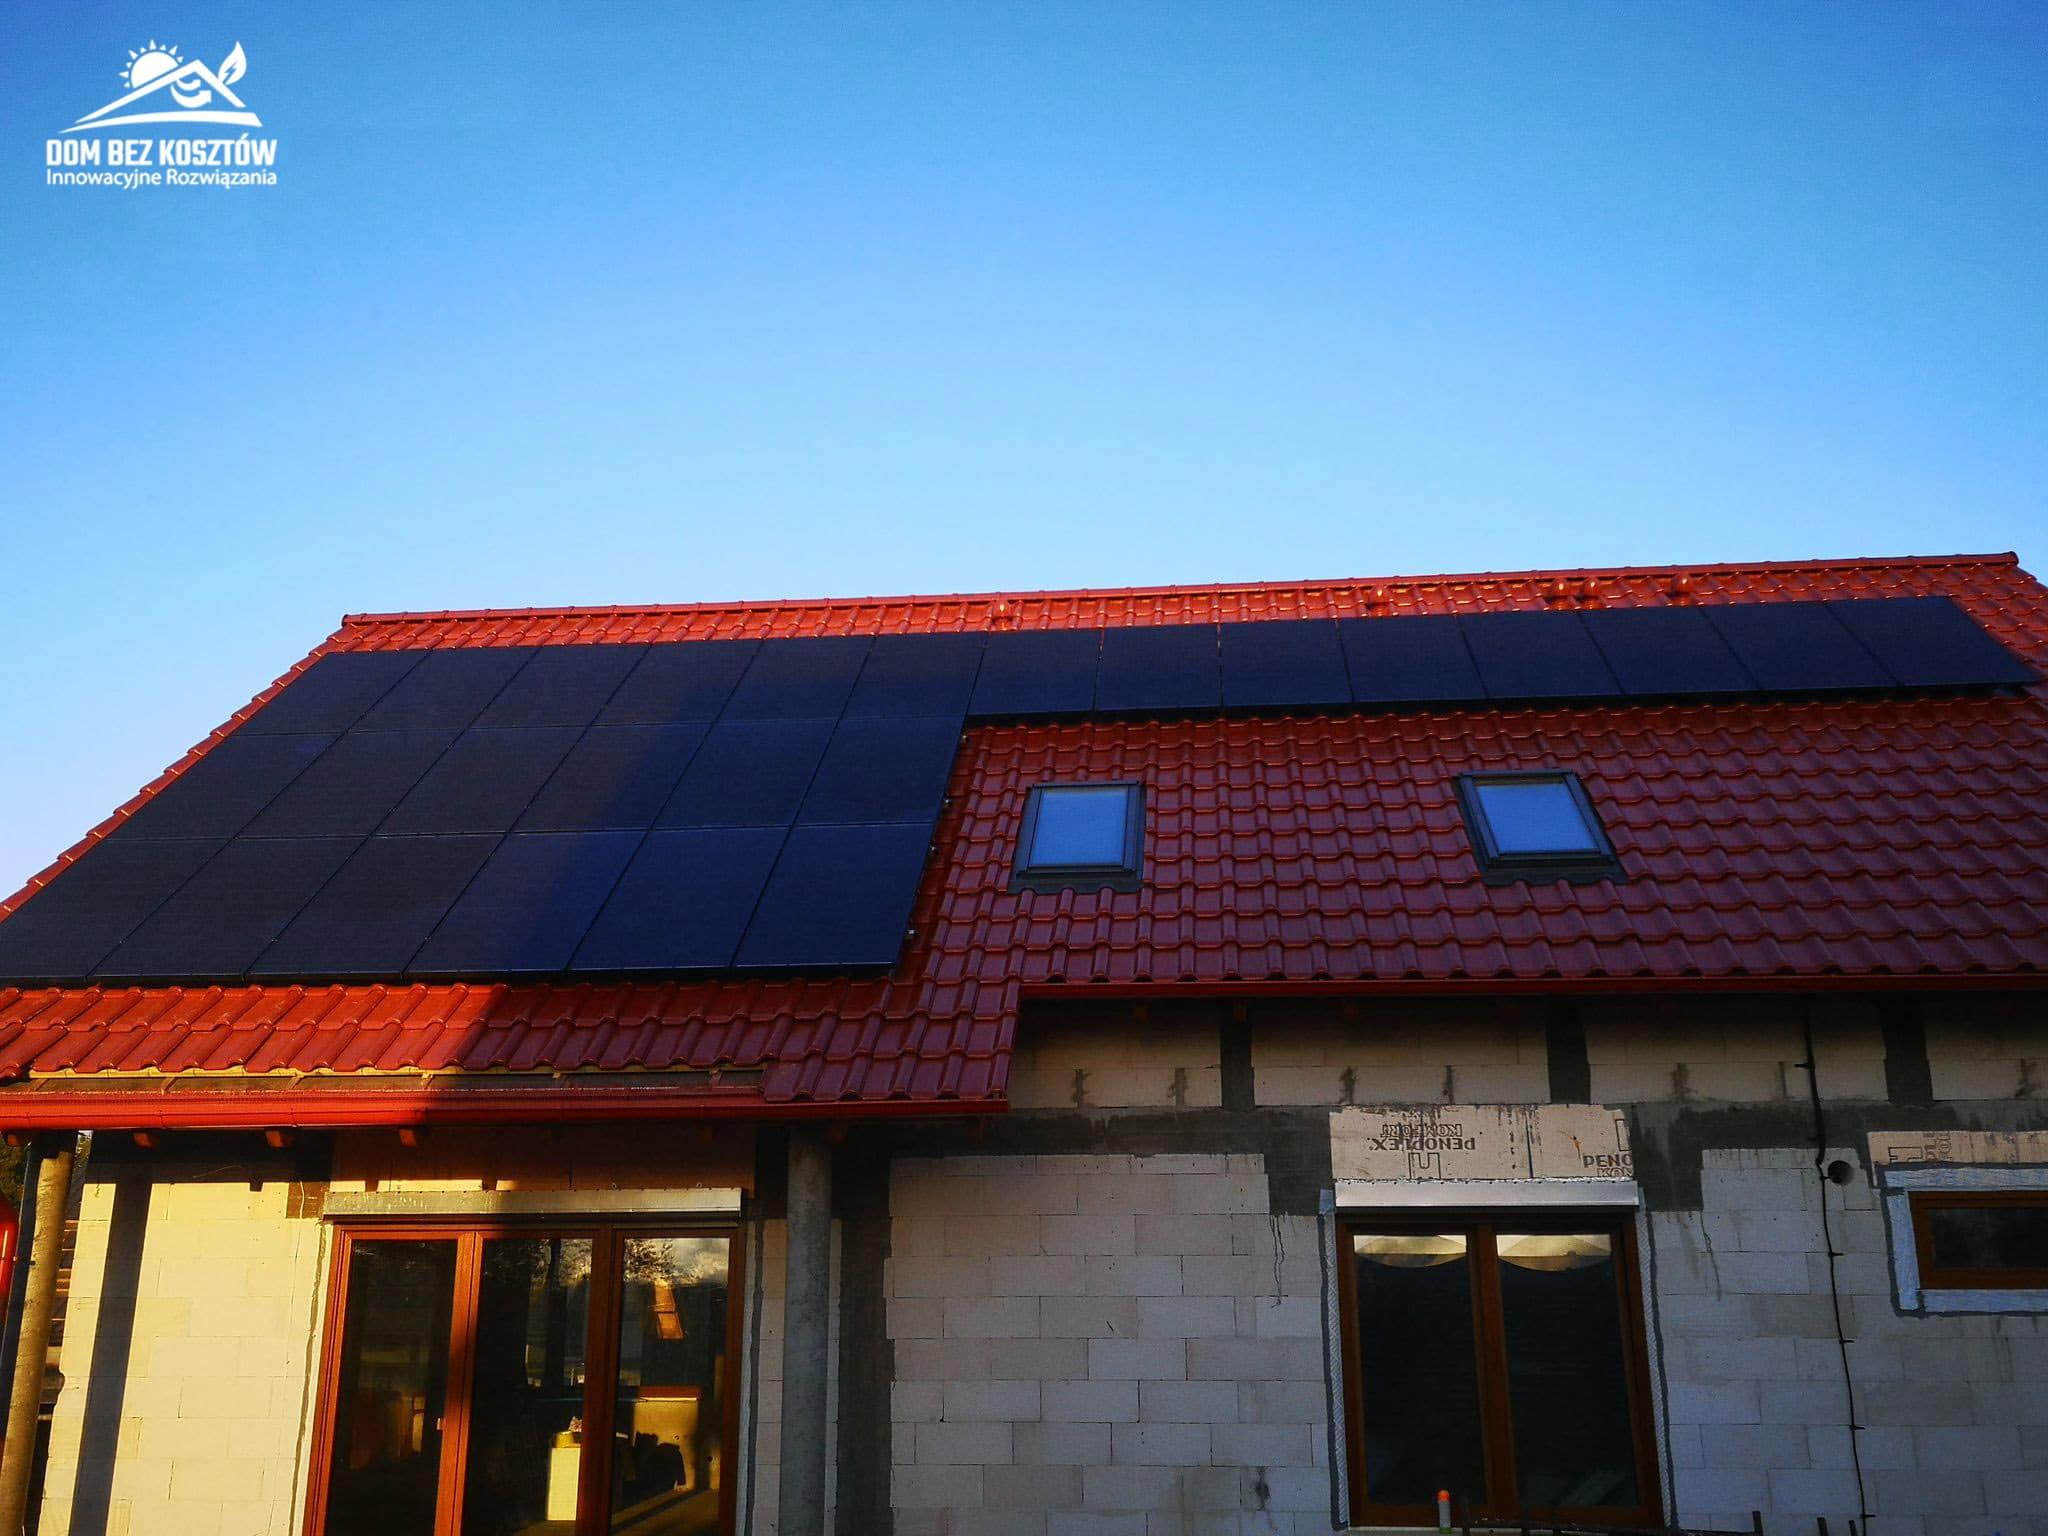 Lipnica Instalacja PV Dom Bez Kosztów